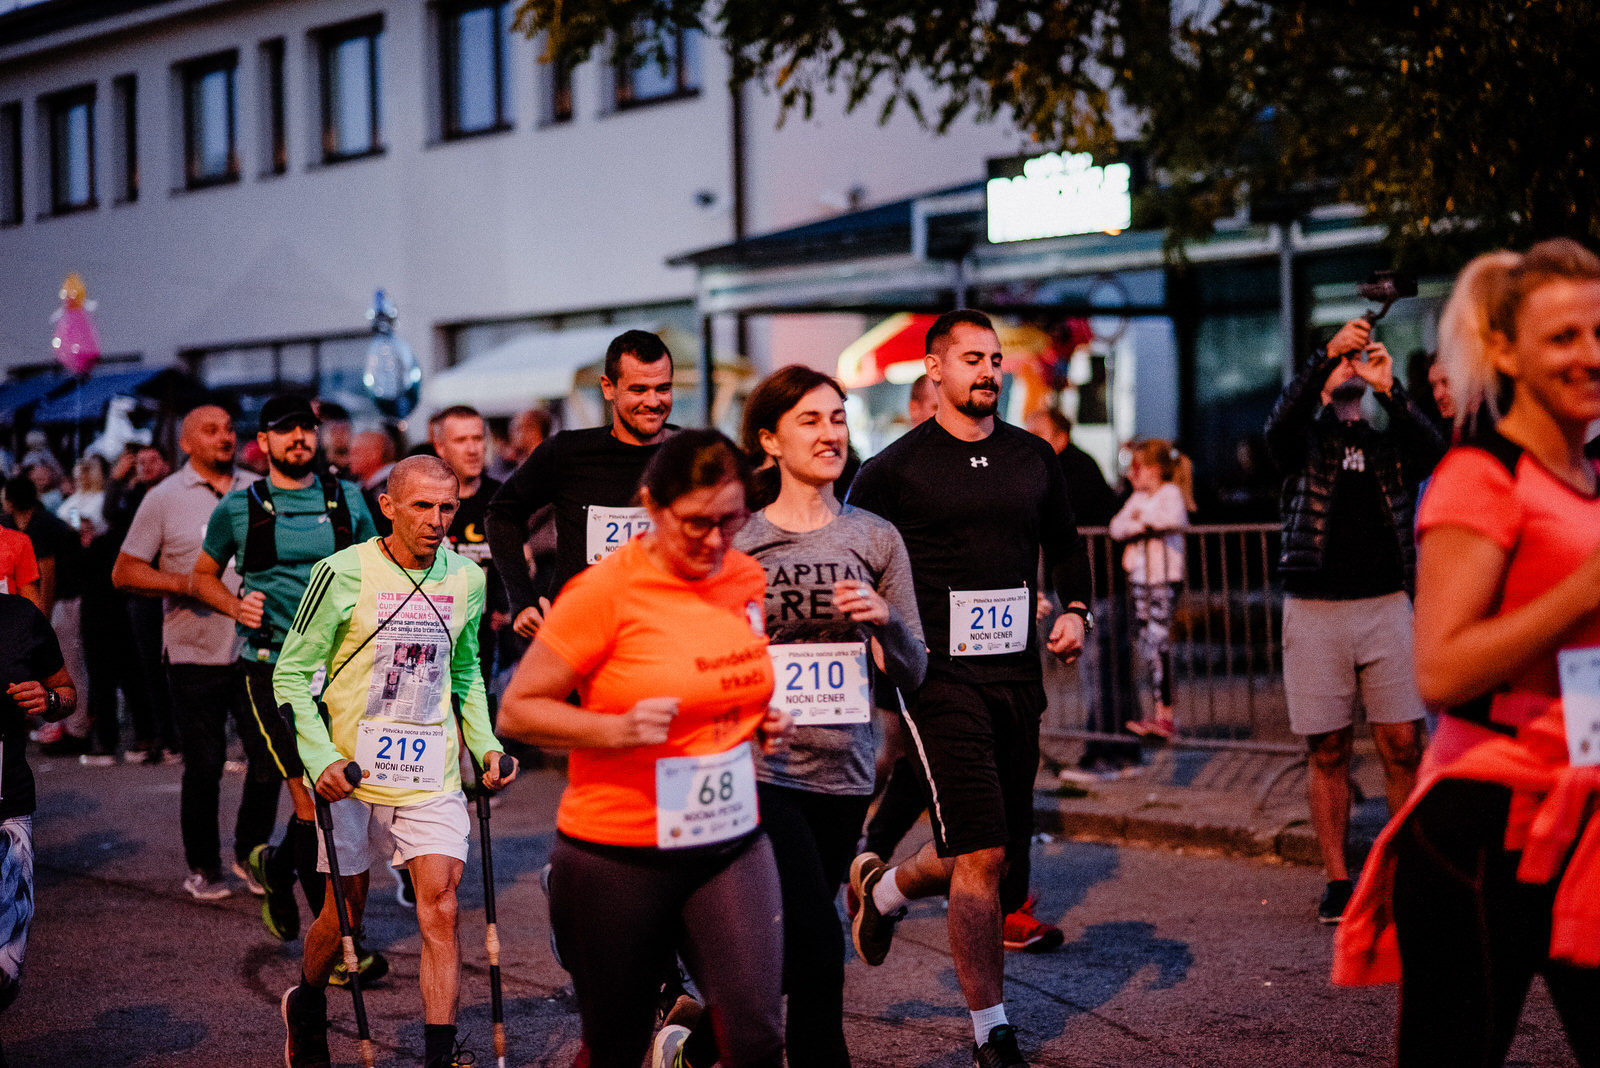 likaclub_korenica_noćna-utrka-2019-32